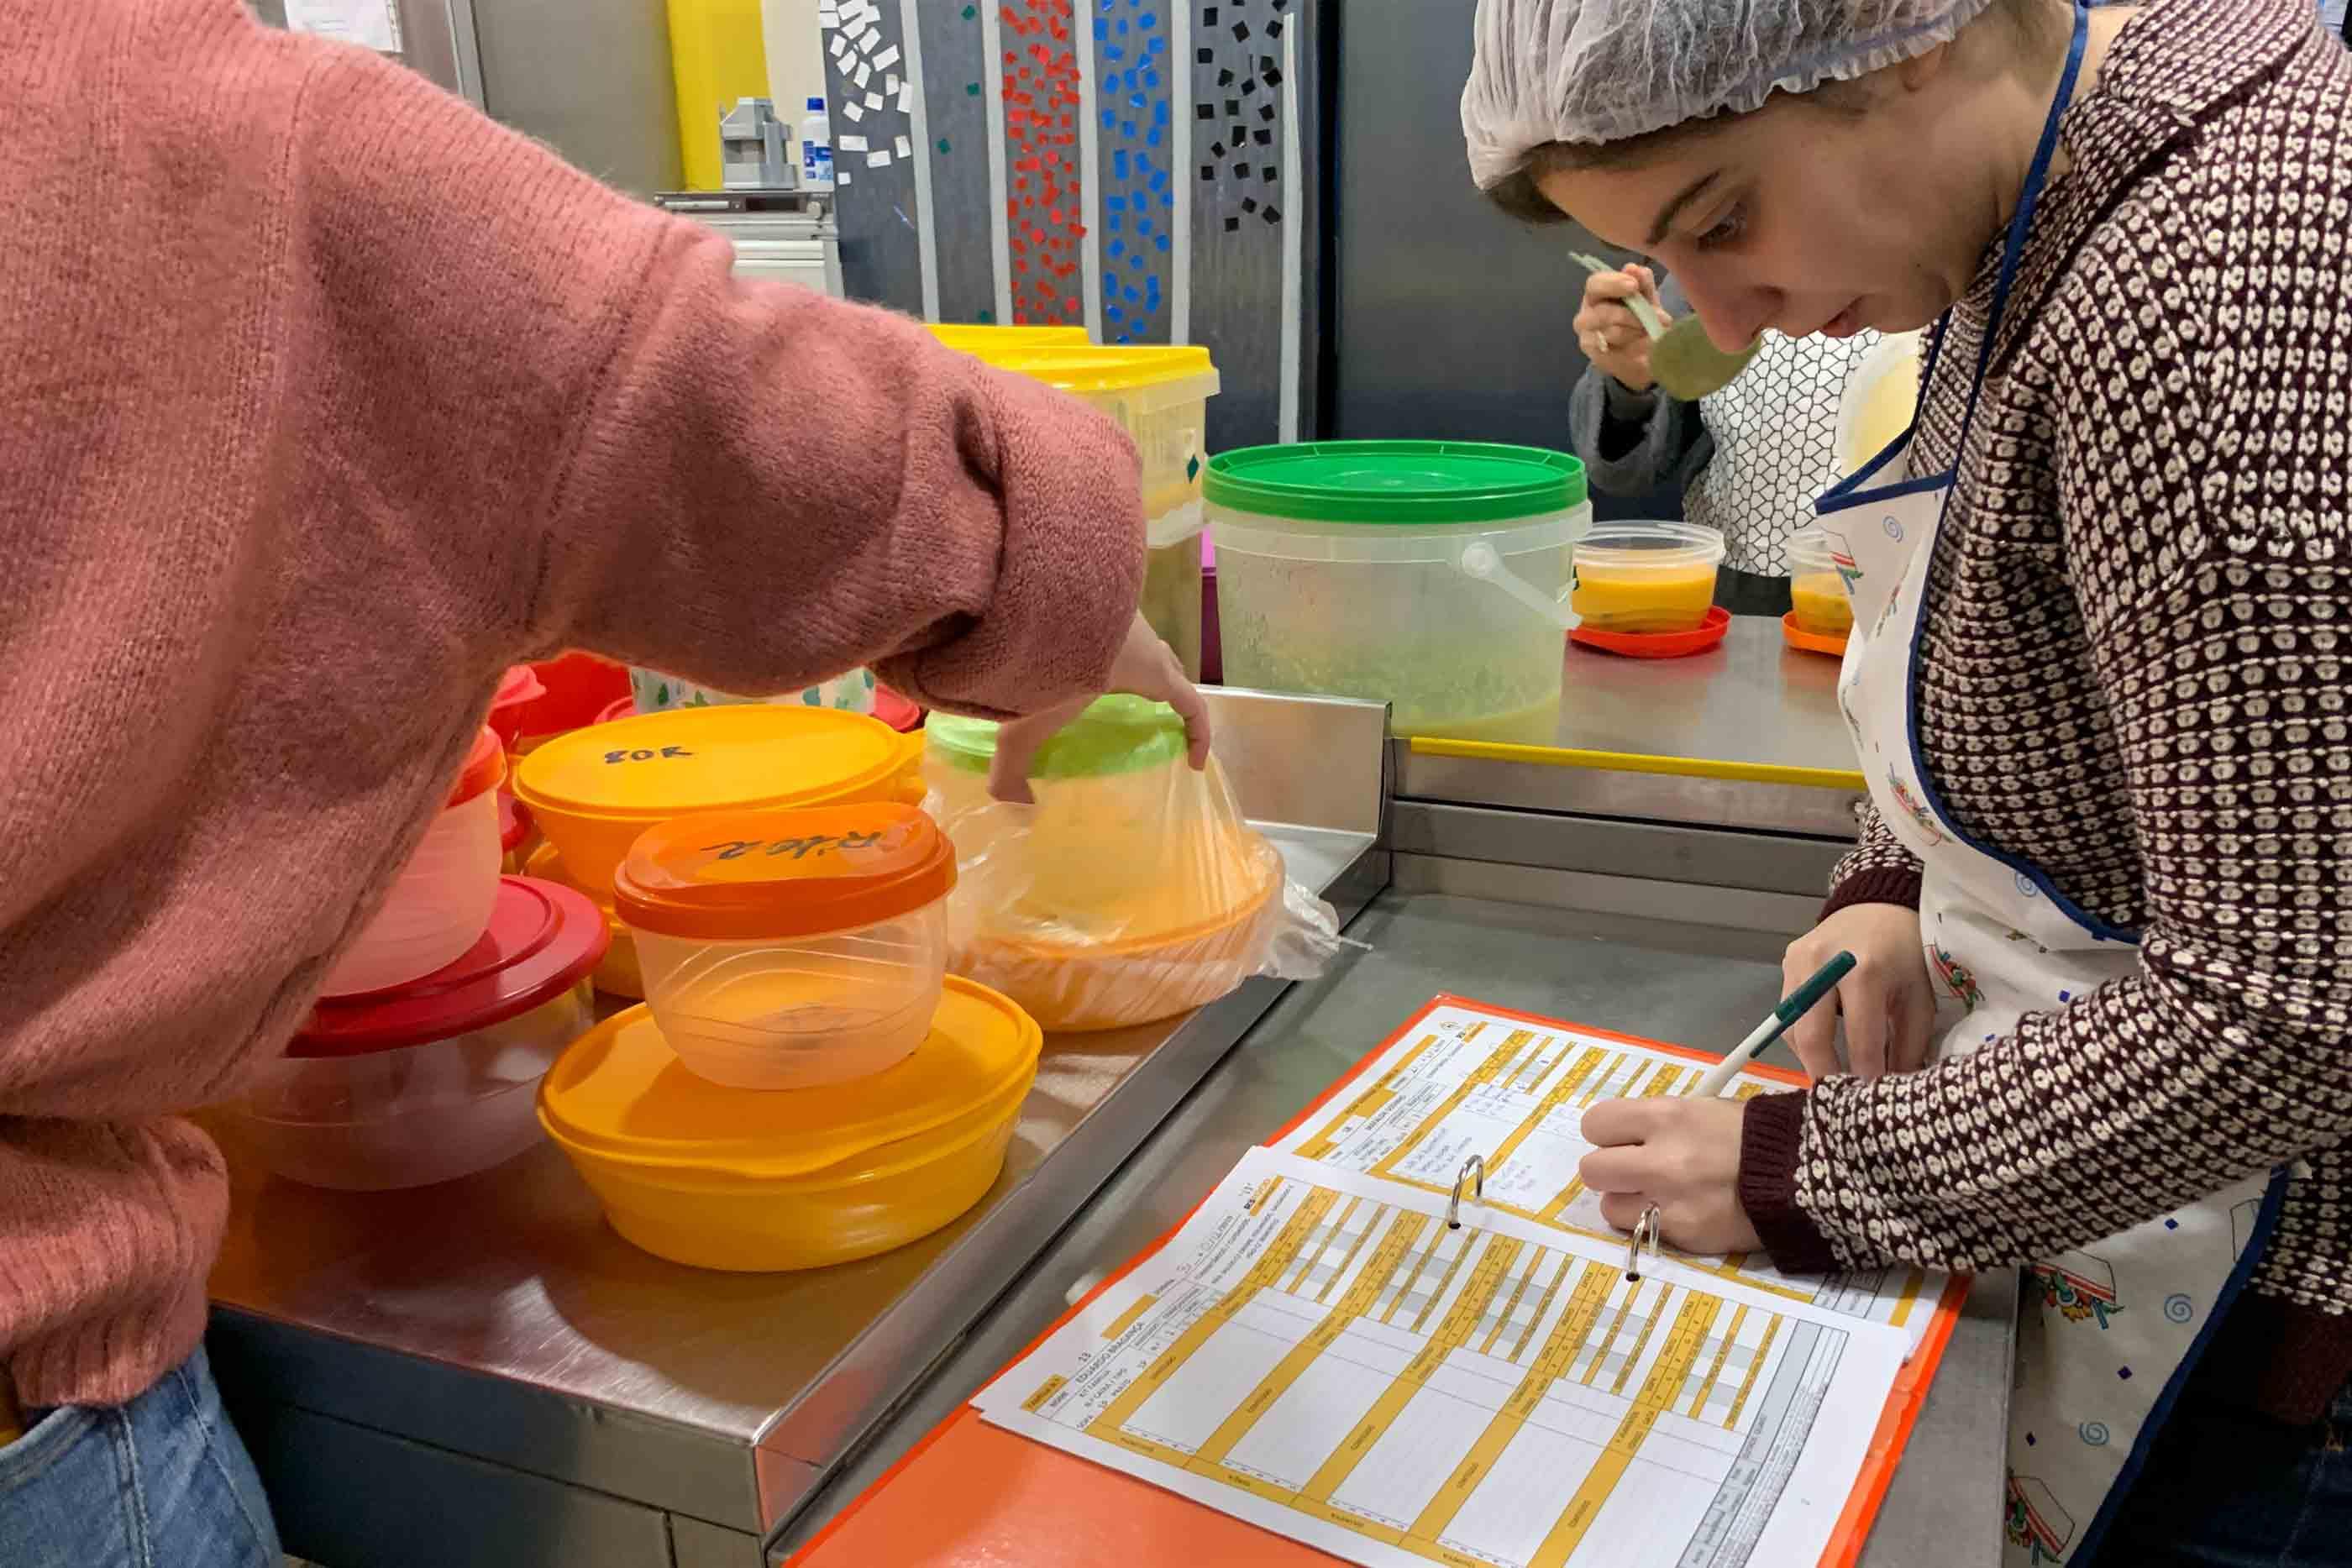 Voluntária a verificar e anotar a distribuição de refeições de cada beneficiário.